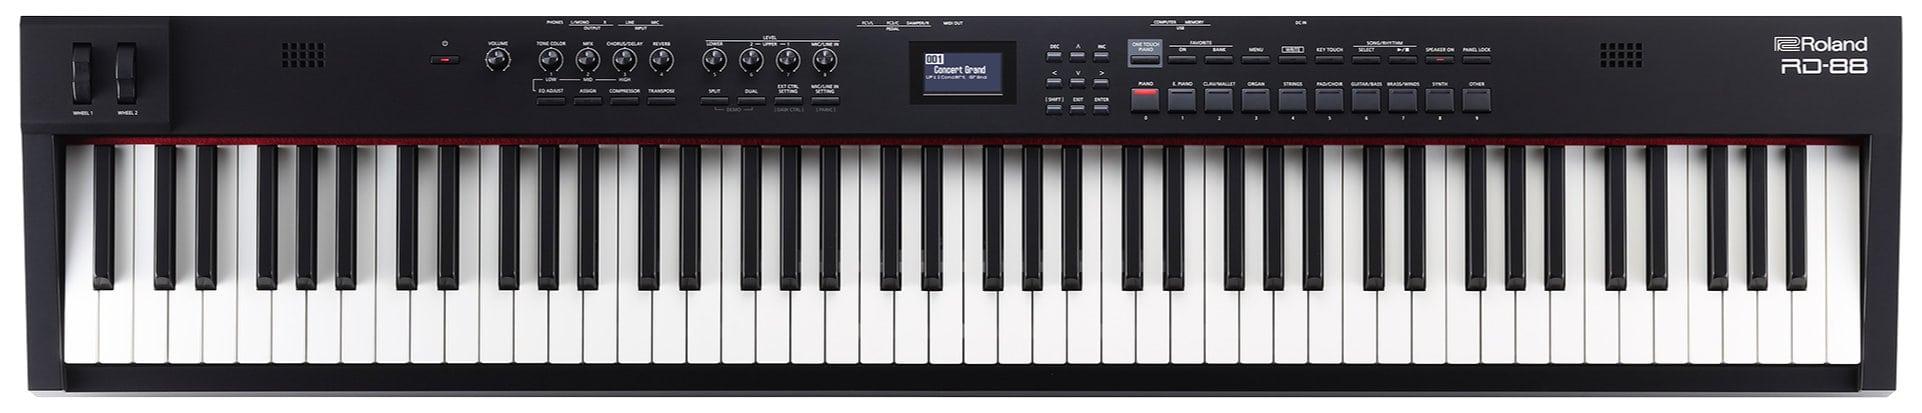 Stagepianos - Roland RD 88 Stagepiano - Onlineshop Musikhaus Kirstein